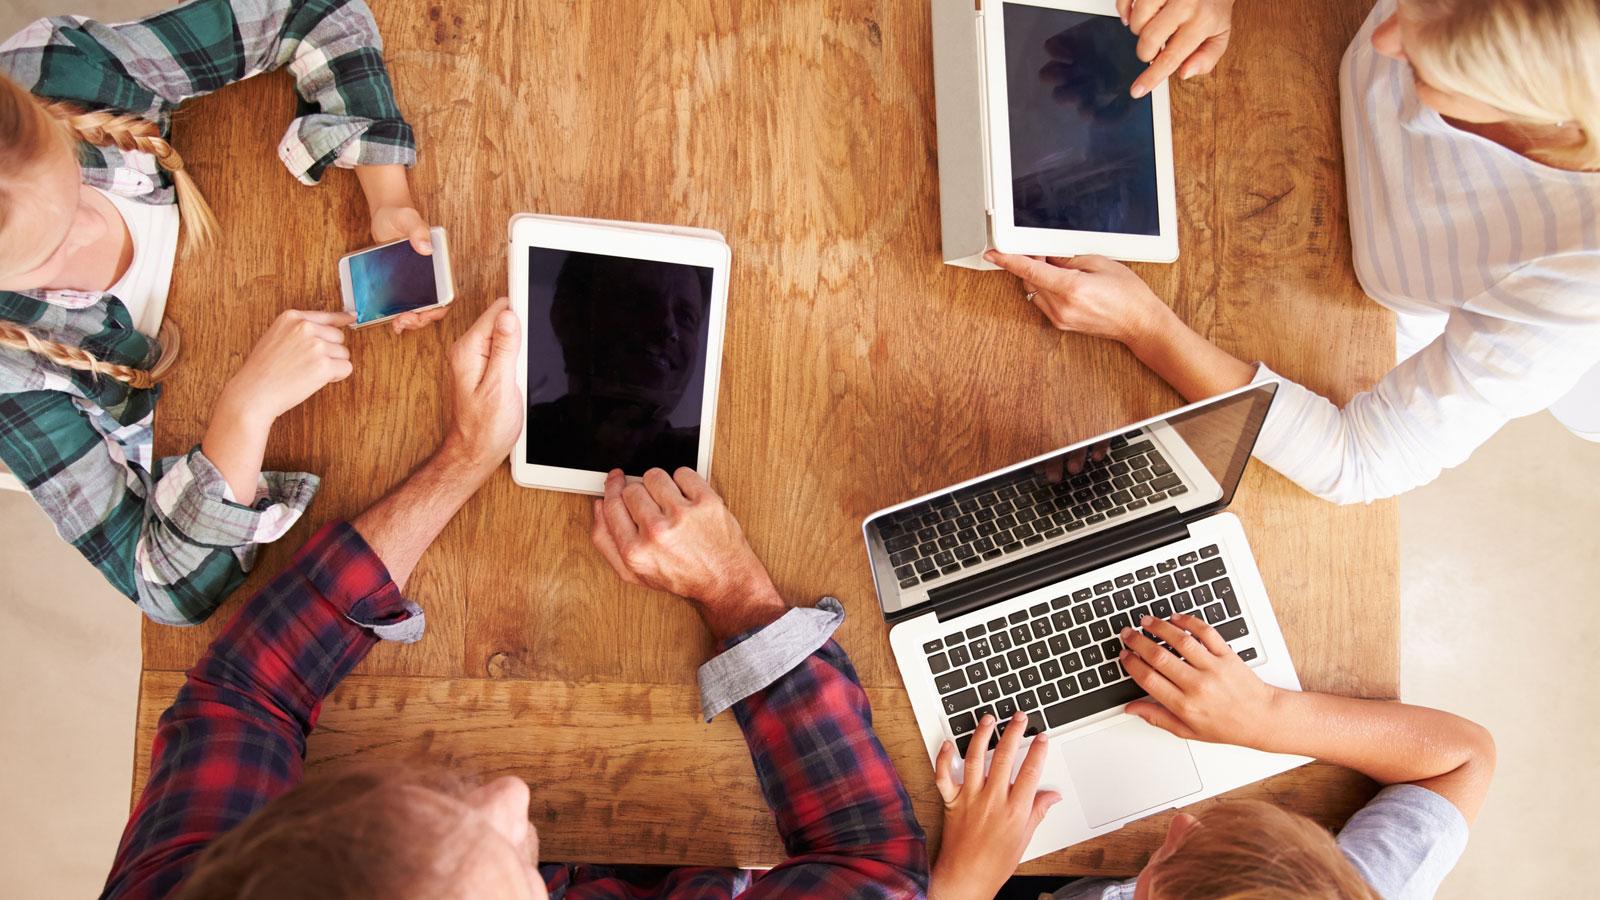 Familie mit Apple-Geräten am Tisch nutzt Apple-Familienfreigabe